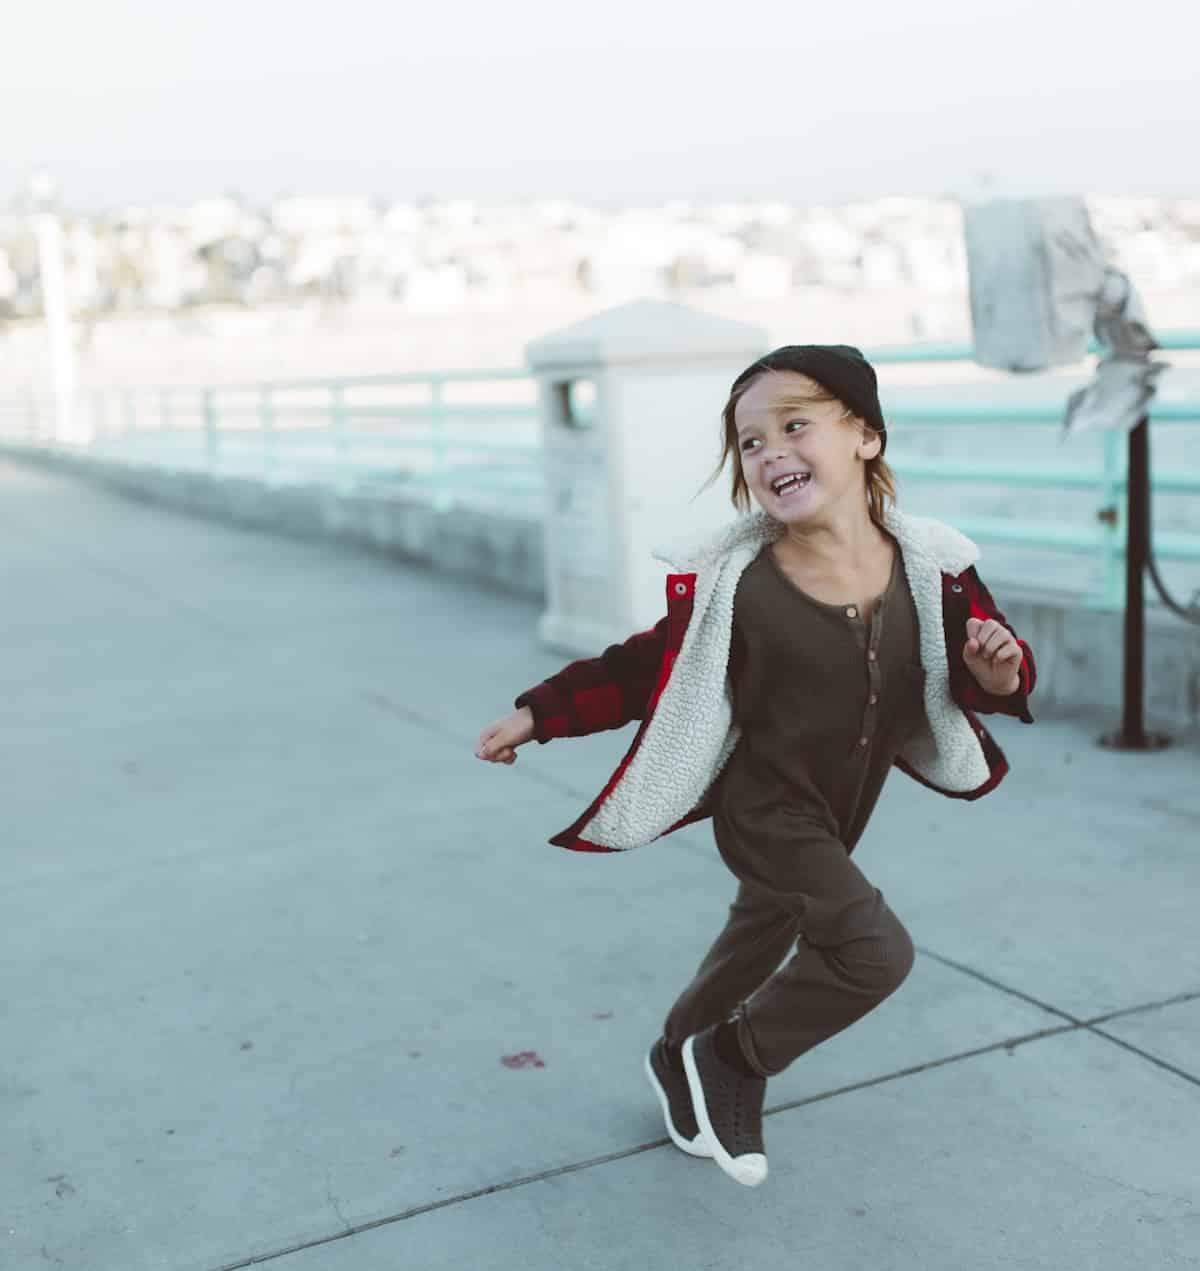 Die Vorteile von körperlicher Aktivität für Kinder | Hüpfburgenverleih